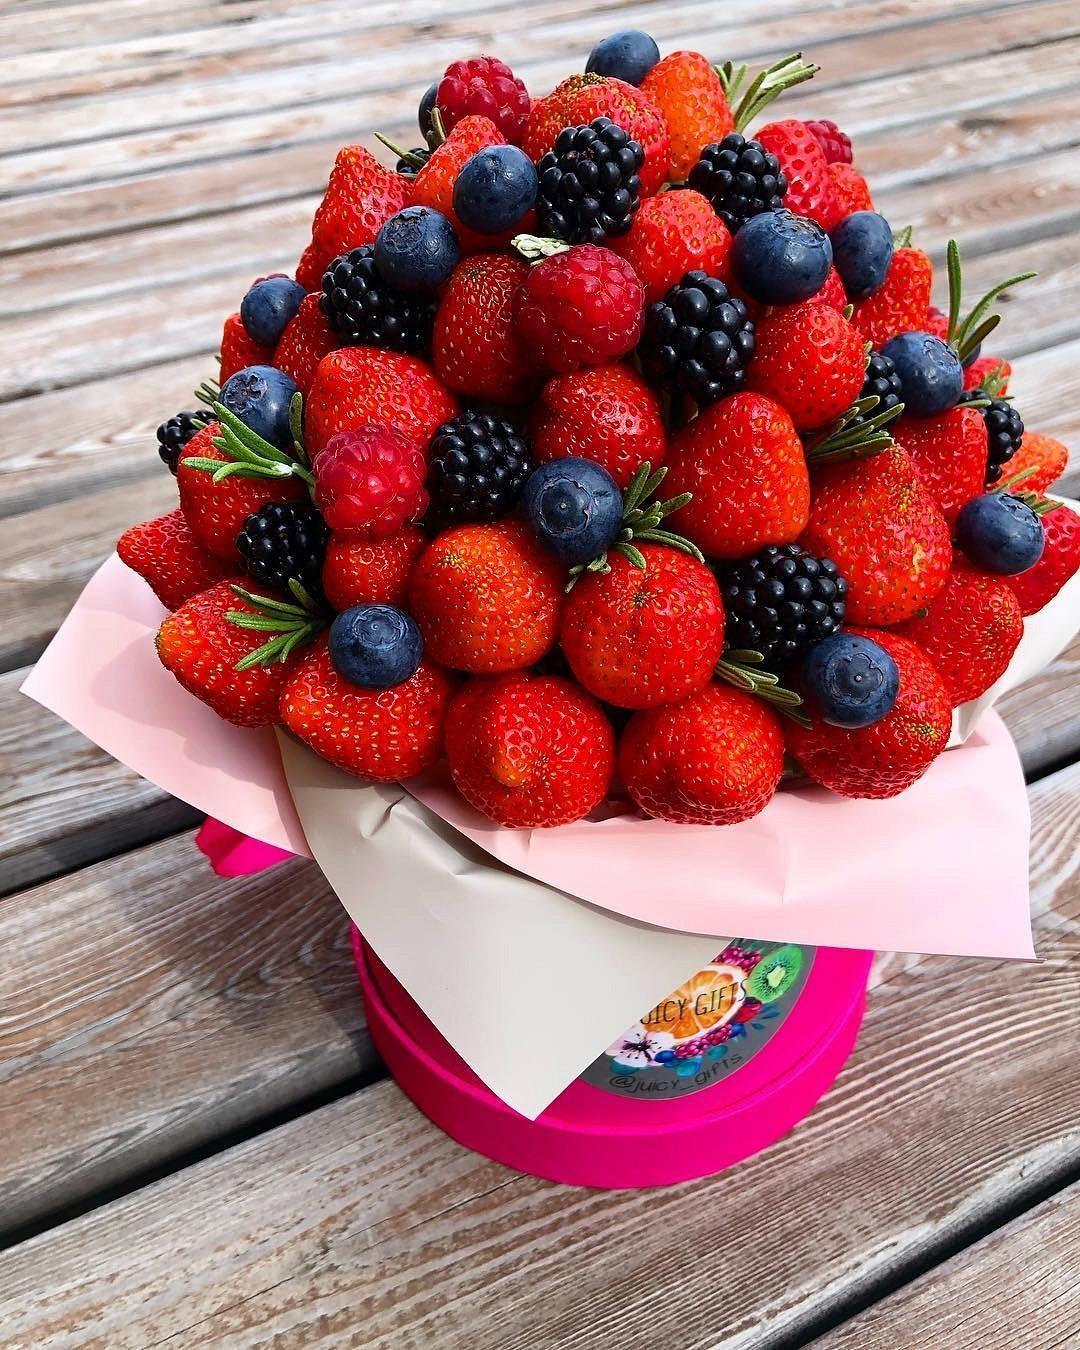 Поздравления связанные с фруктами ягодами